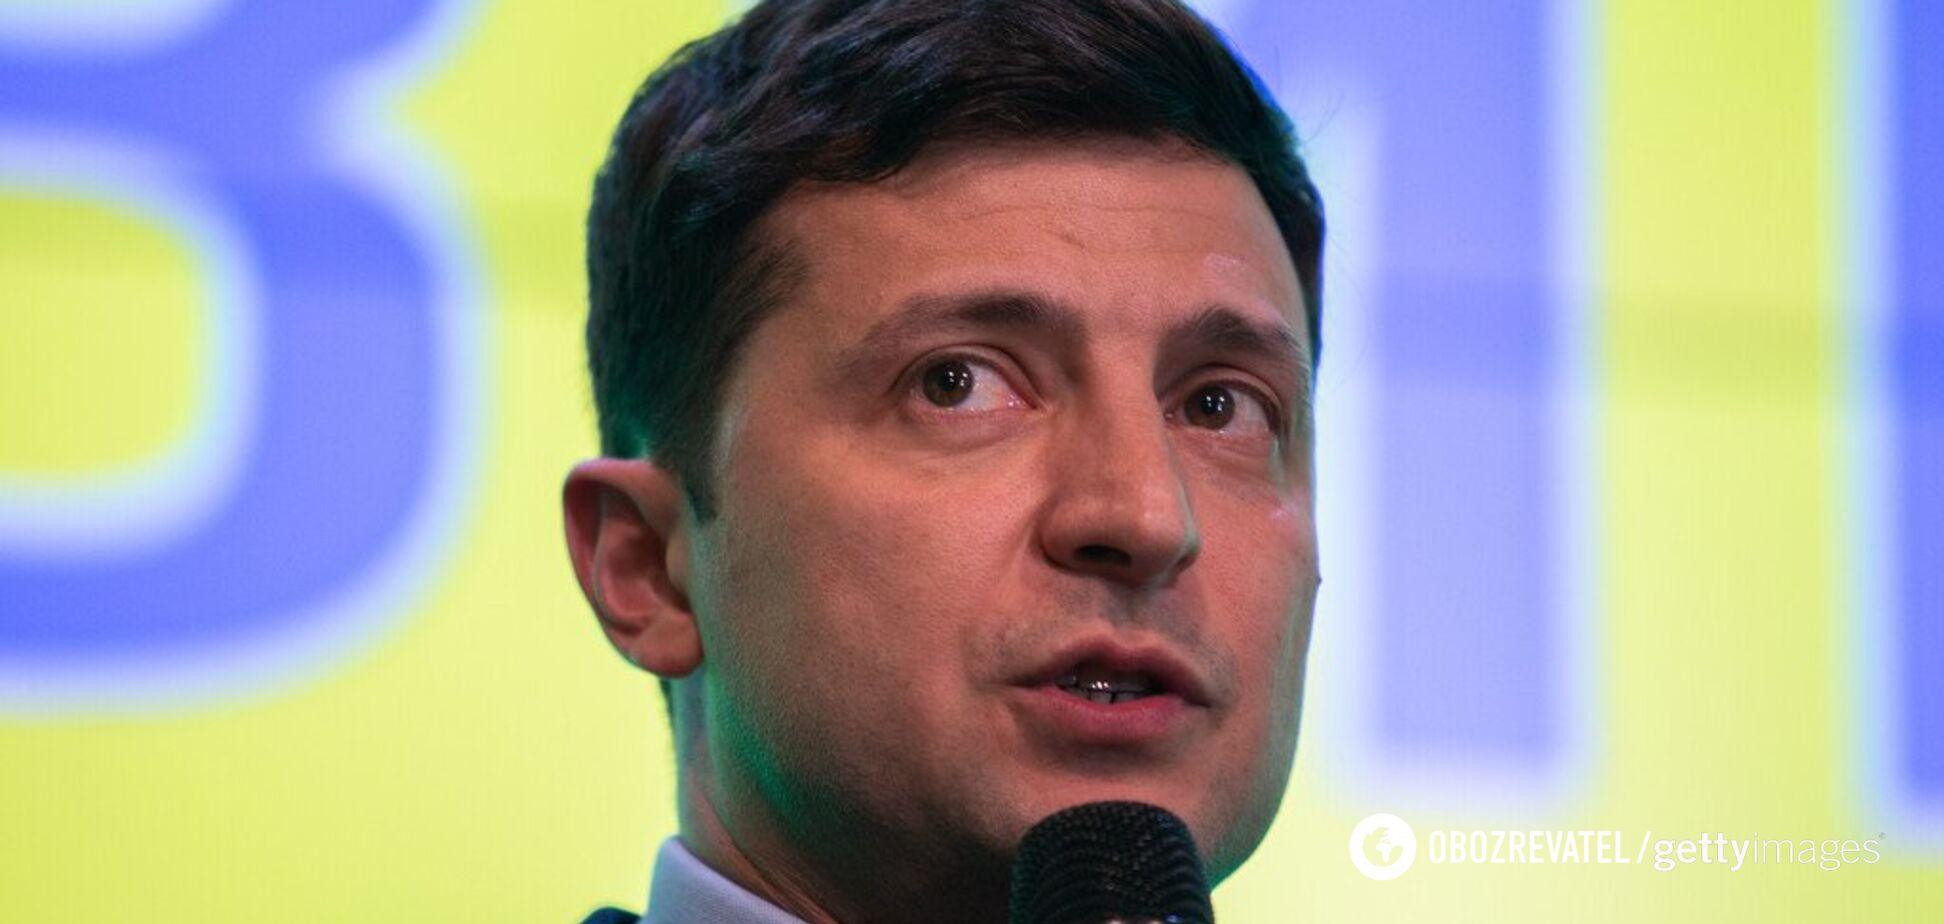 Зеленский поблагодарил Макрона за поздравления